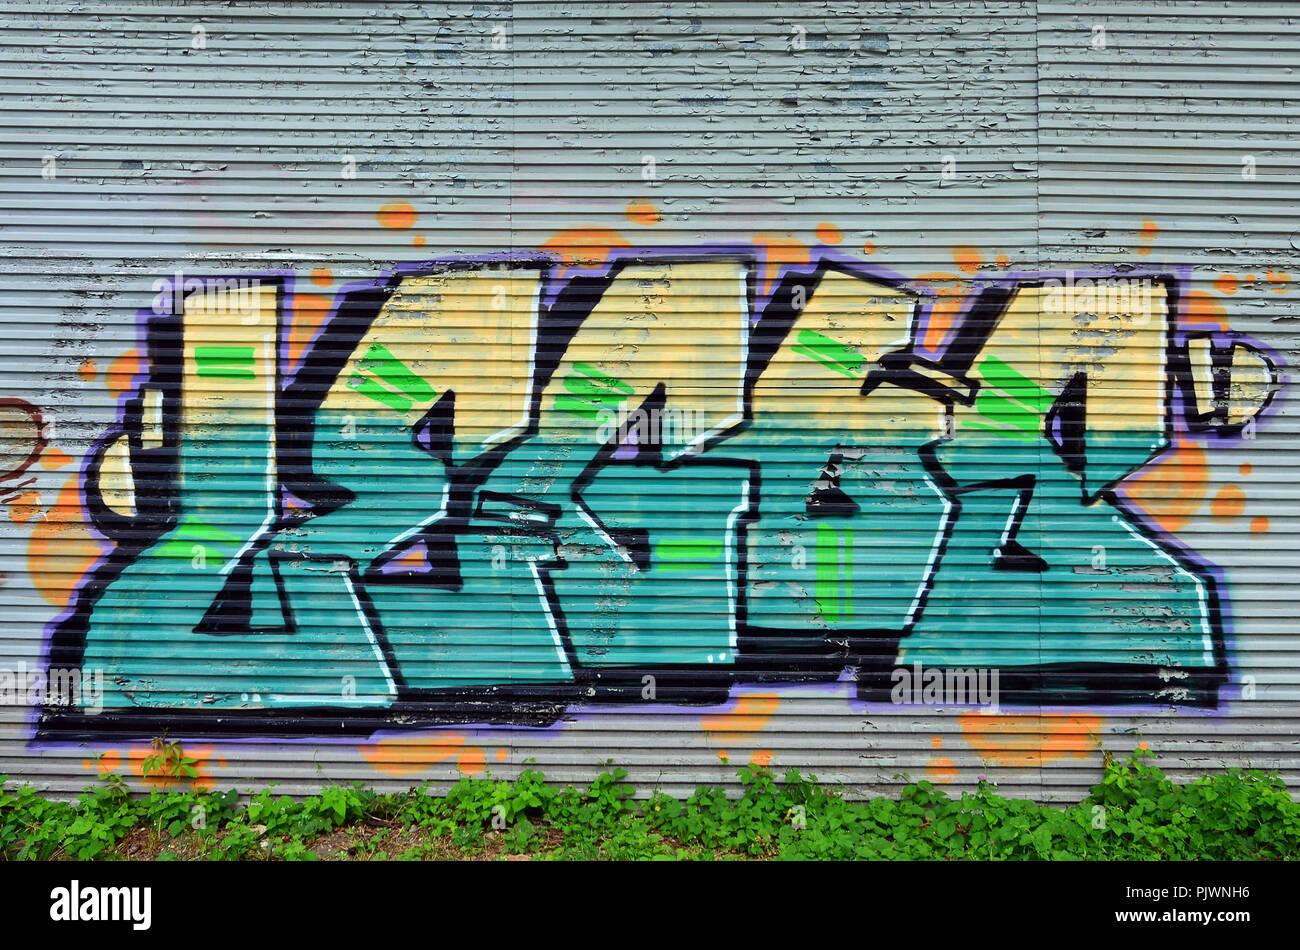 Hermoso Arte Callejero Graffiti Resumen De Dibujo Creativo Color